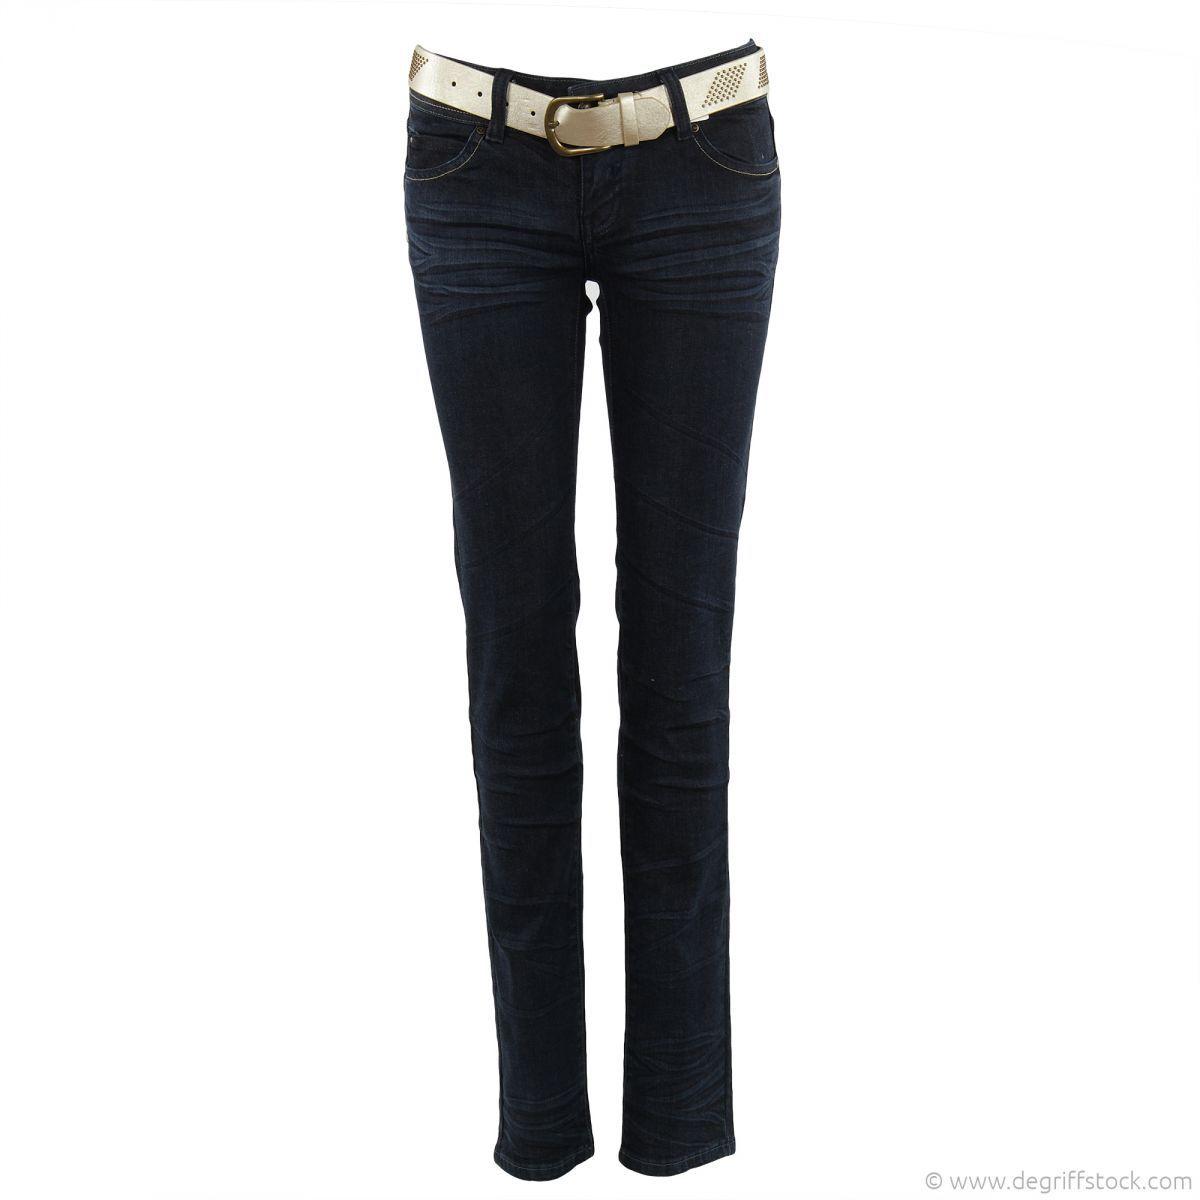 Jeans bleu brut femme Best Mountain - Dégriff'Stock  Classique et indémodable, voilà le jean Mesdames qui vous fera craquer lors de votre prochaine commande. Son plus : une ceinture dorée et rivetée est founie avec le jeans. Elle se ferme par une grande boucle à tige dorée.